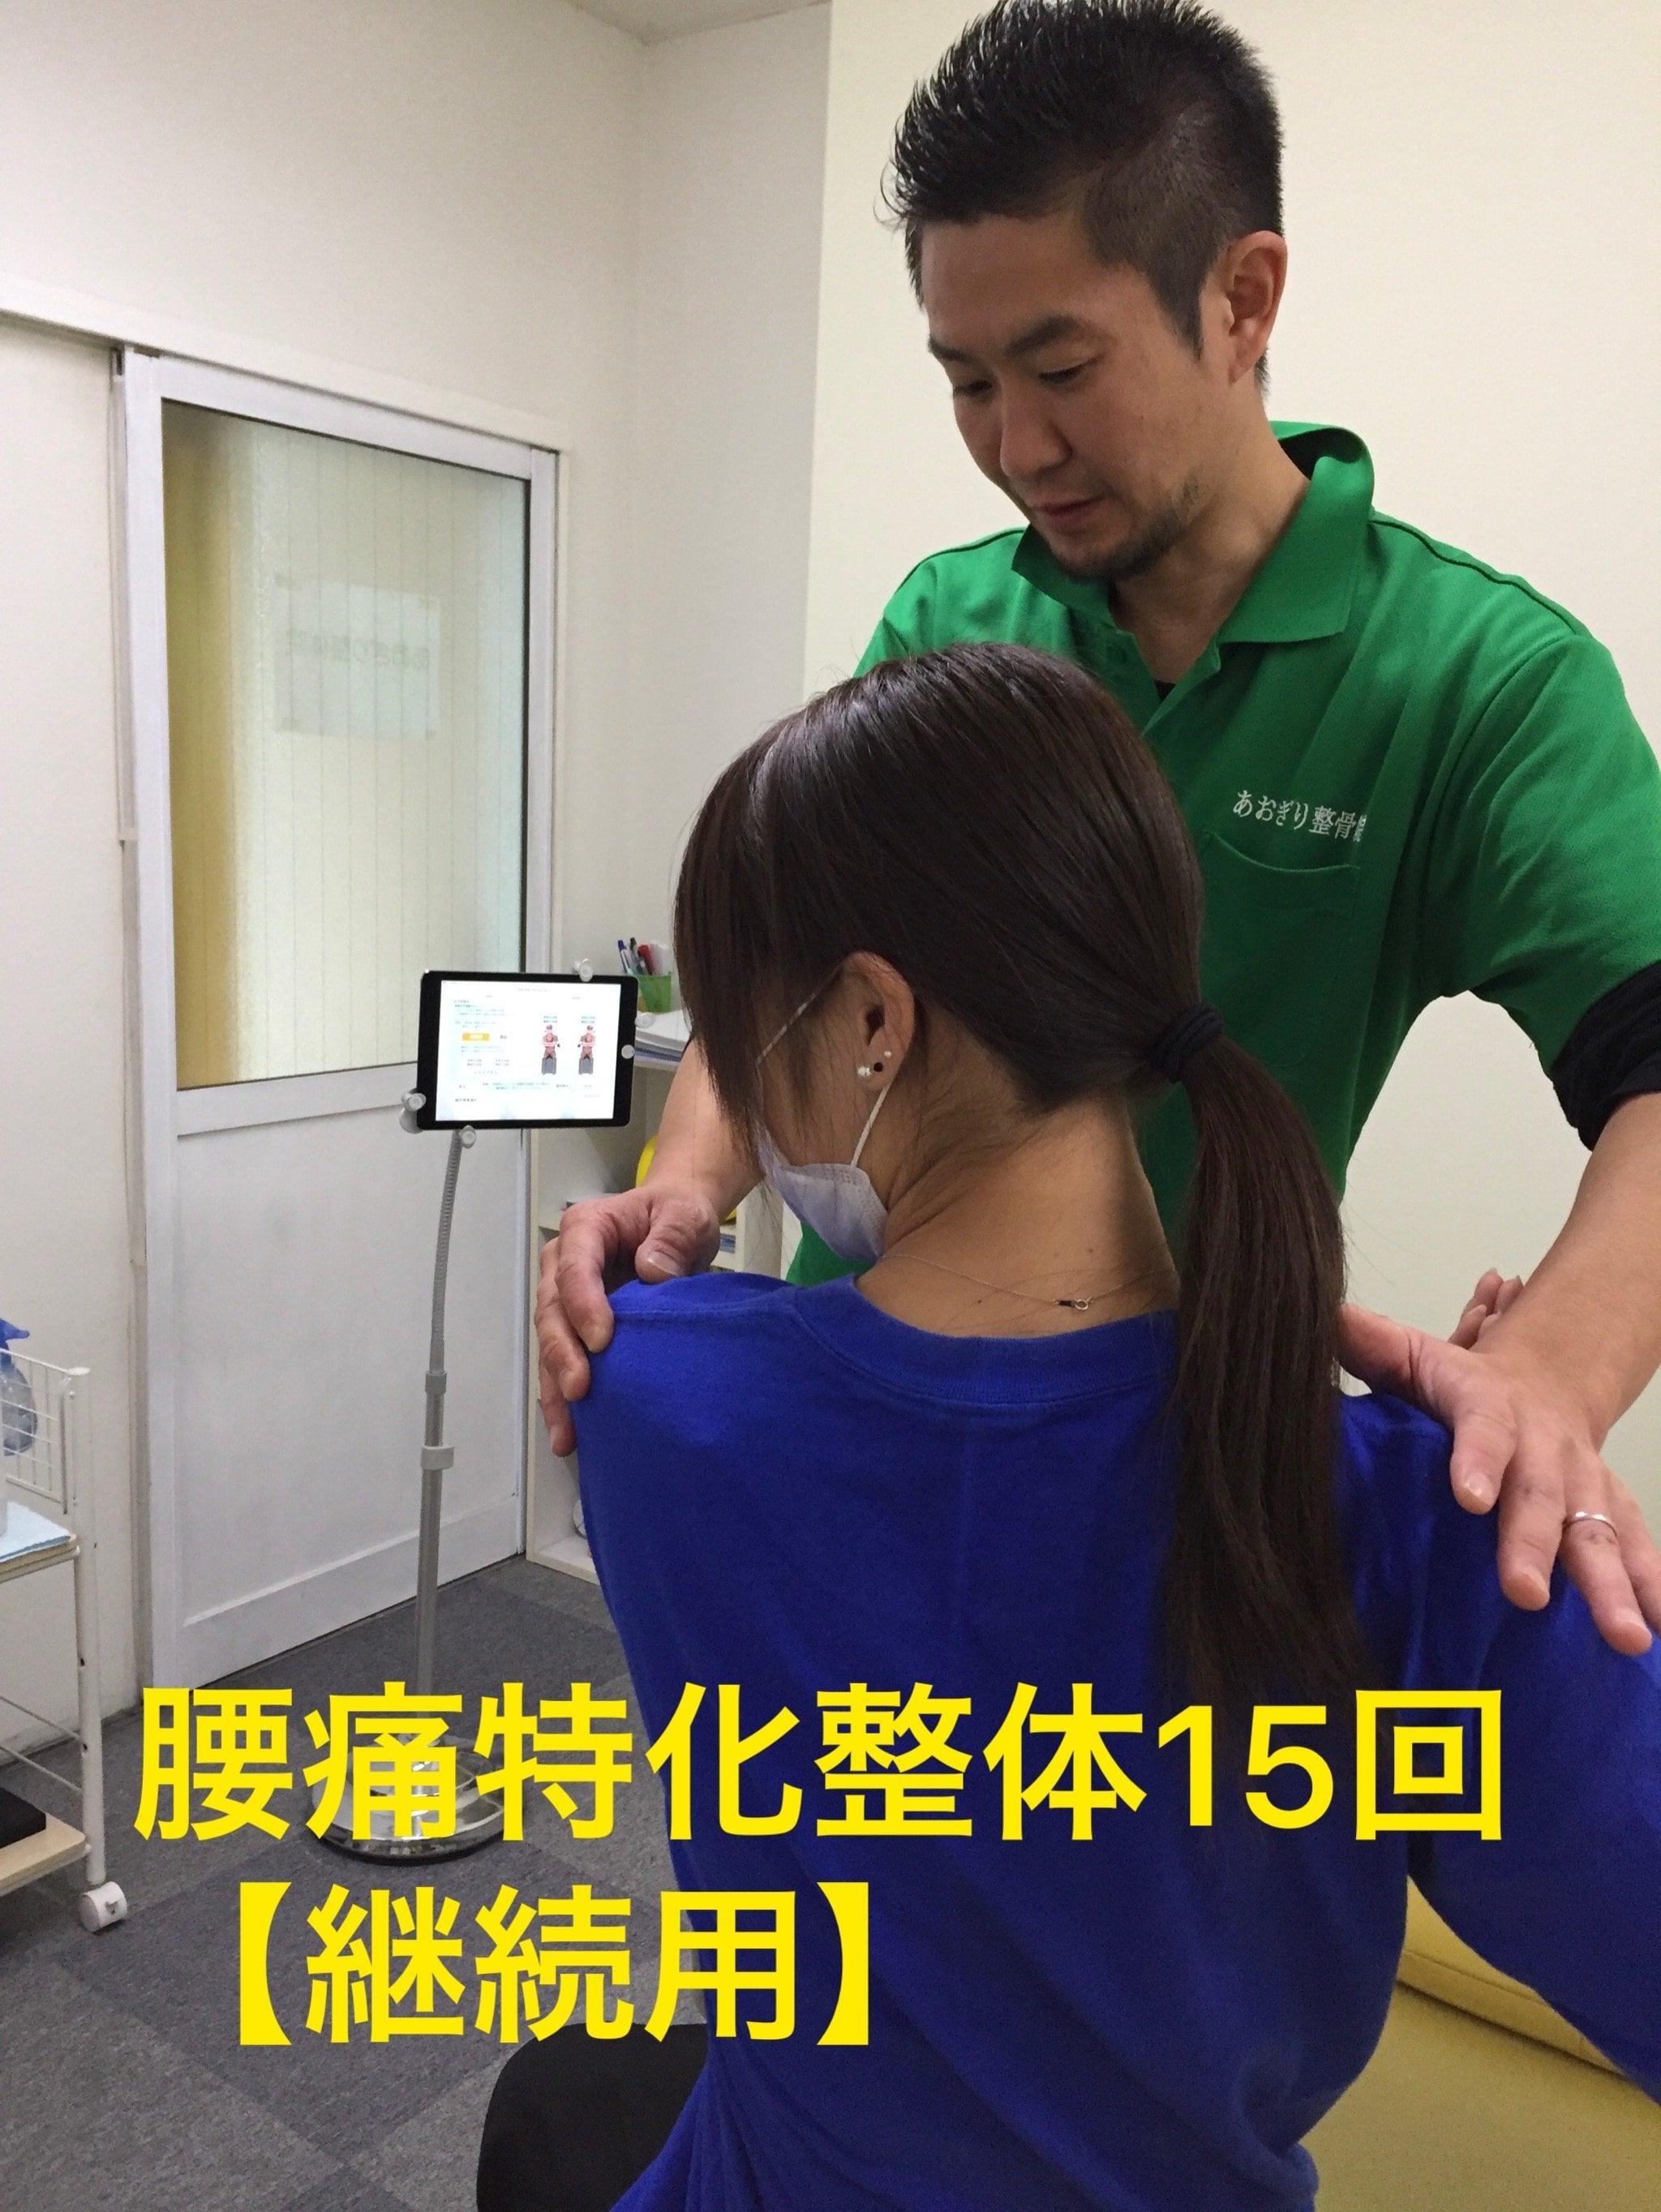 腰痛特化整体 15回【継続用】のイメージその1